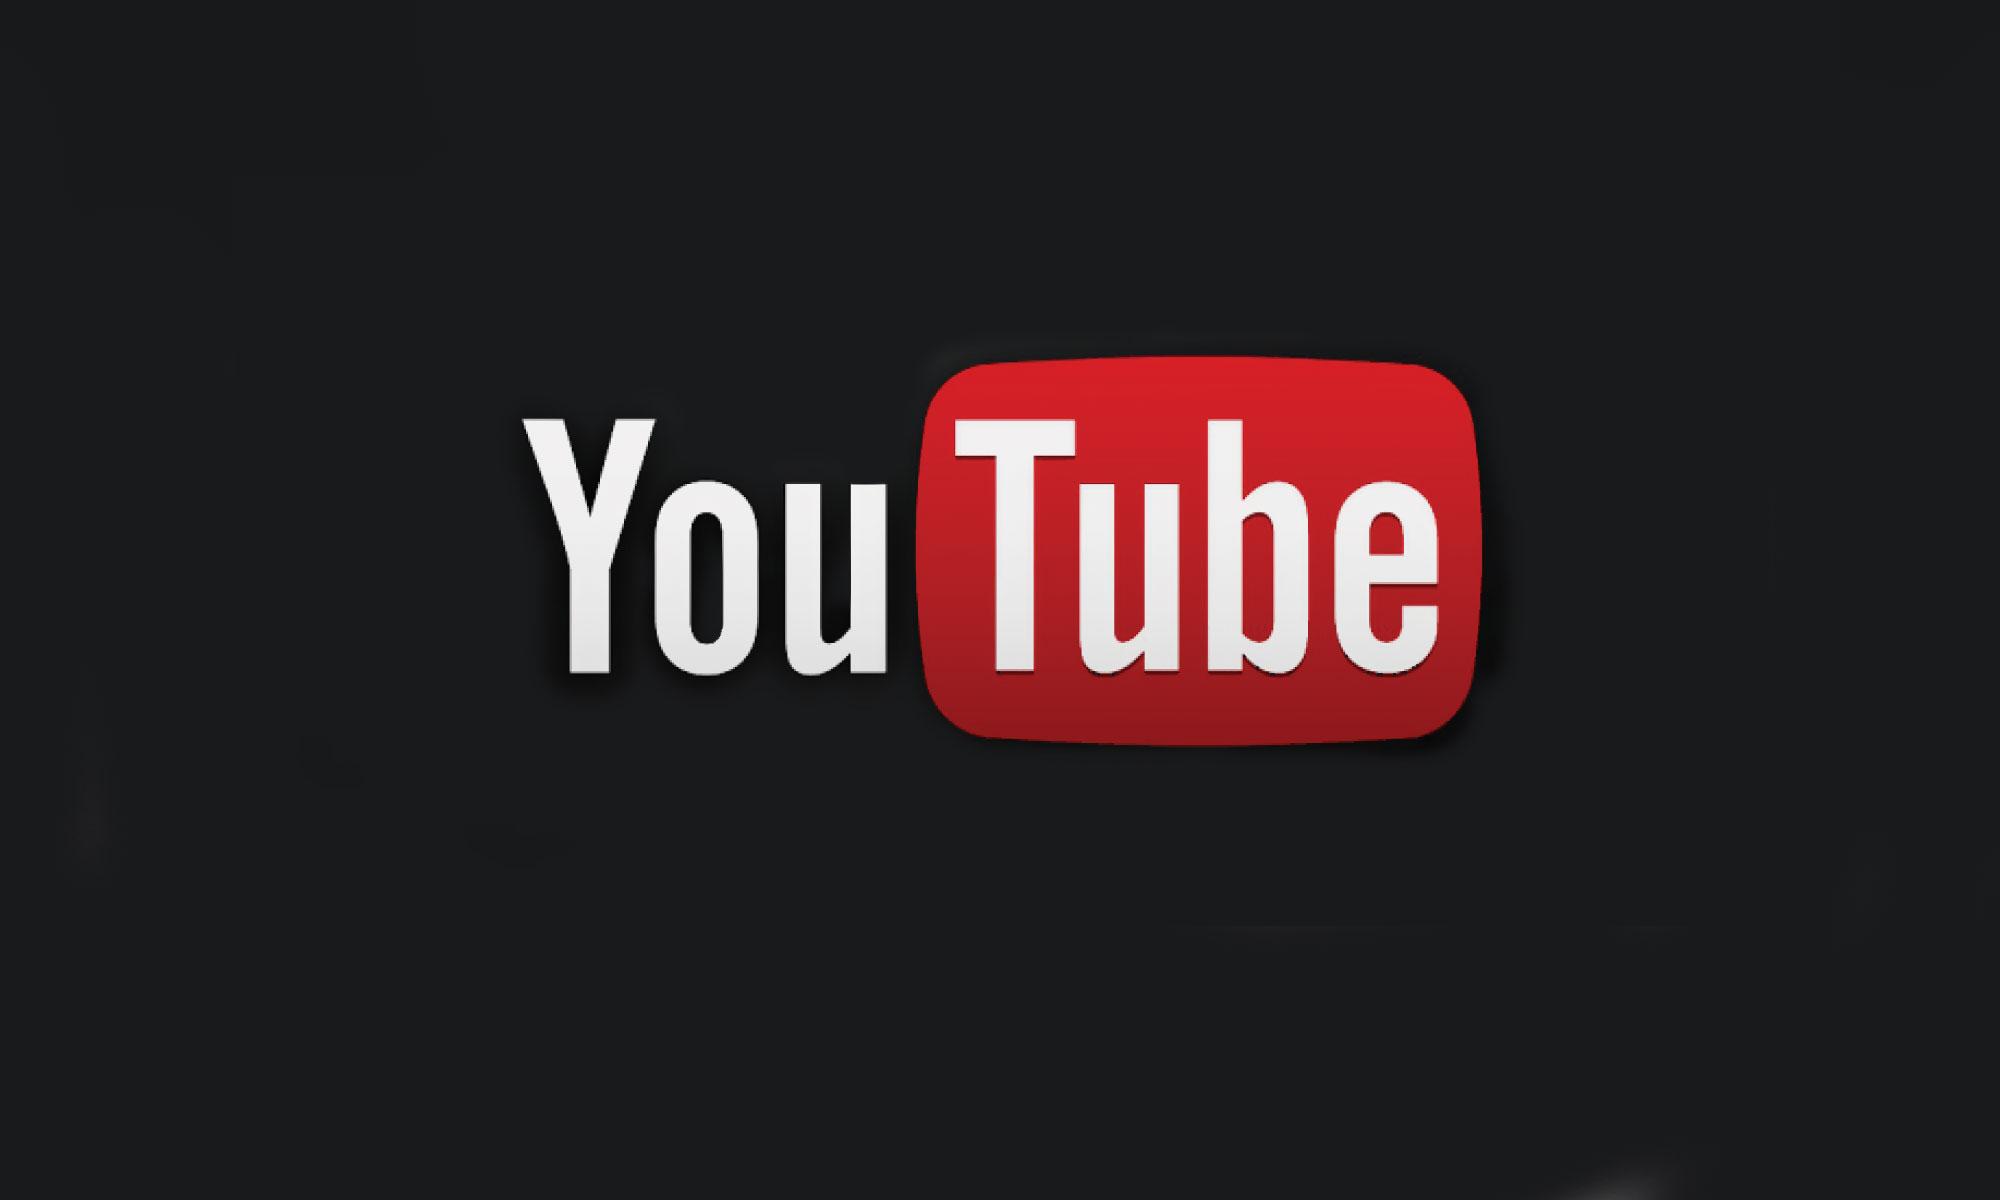 Смотреть youtube губка боб квадратные штаны